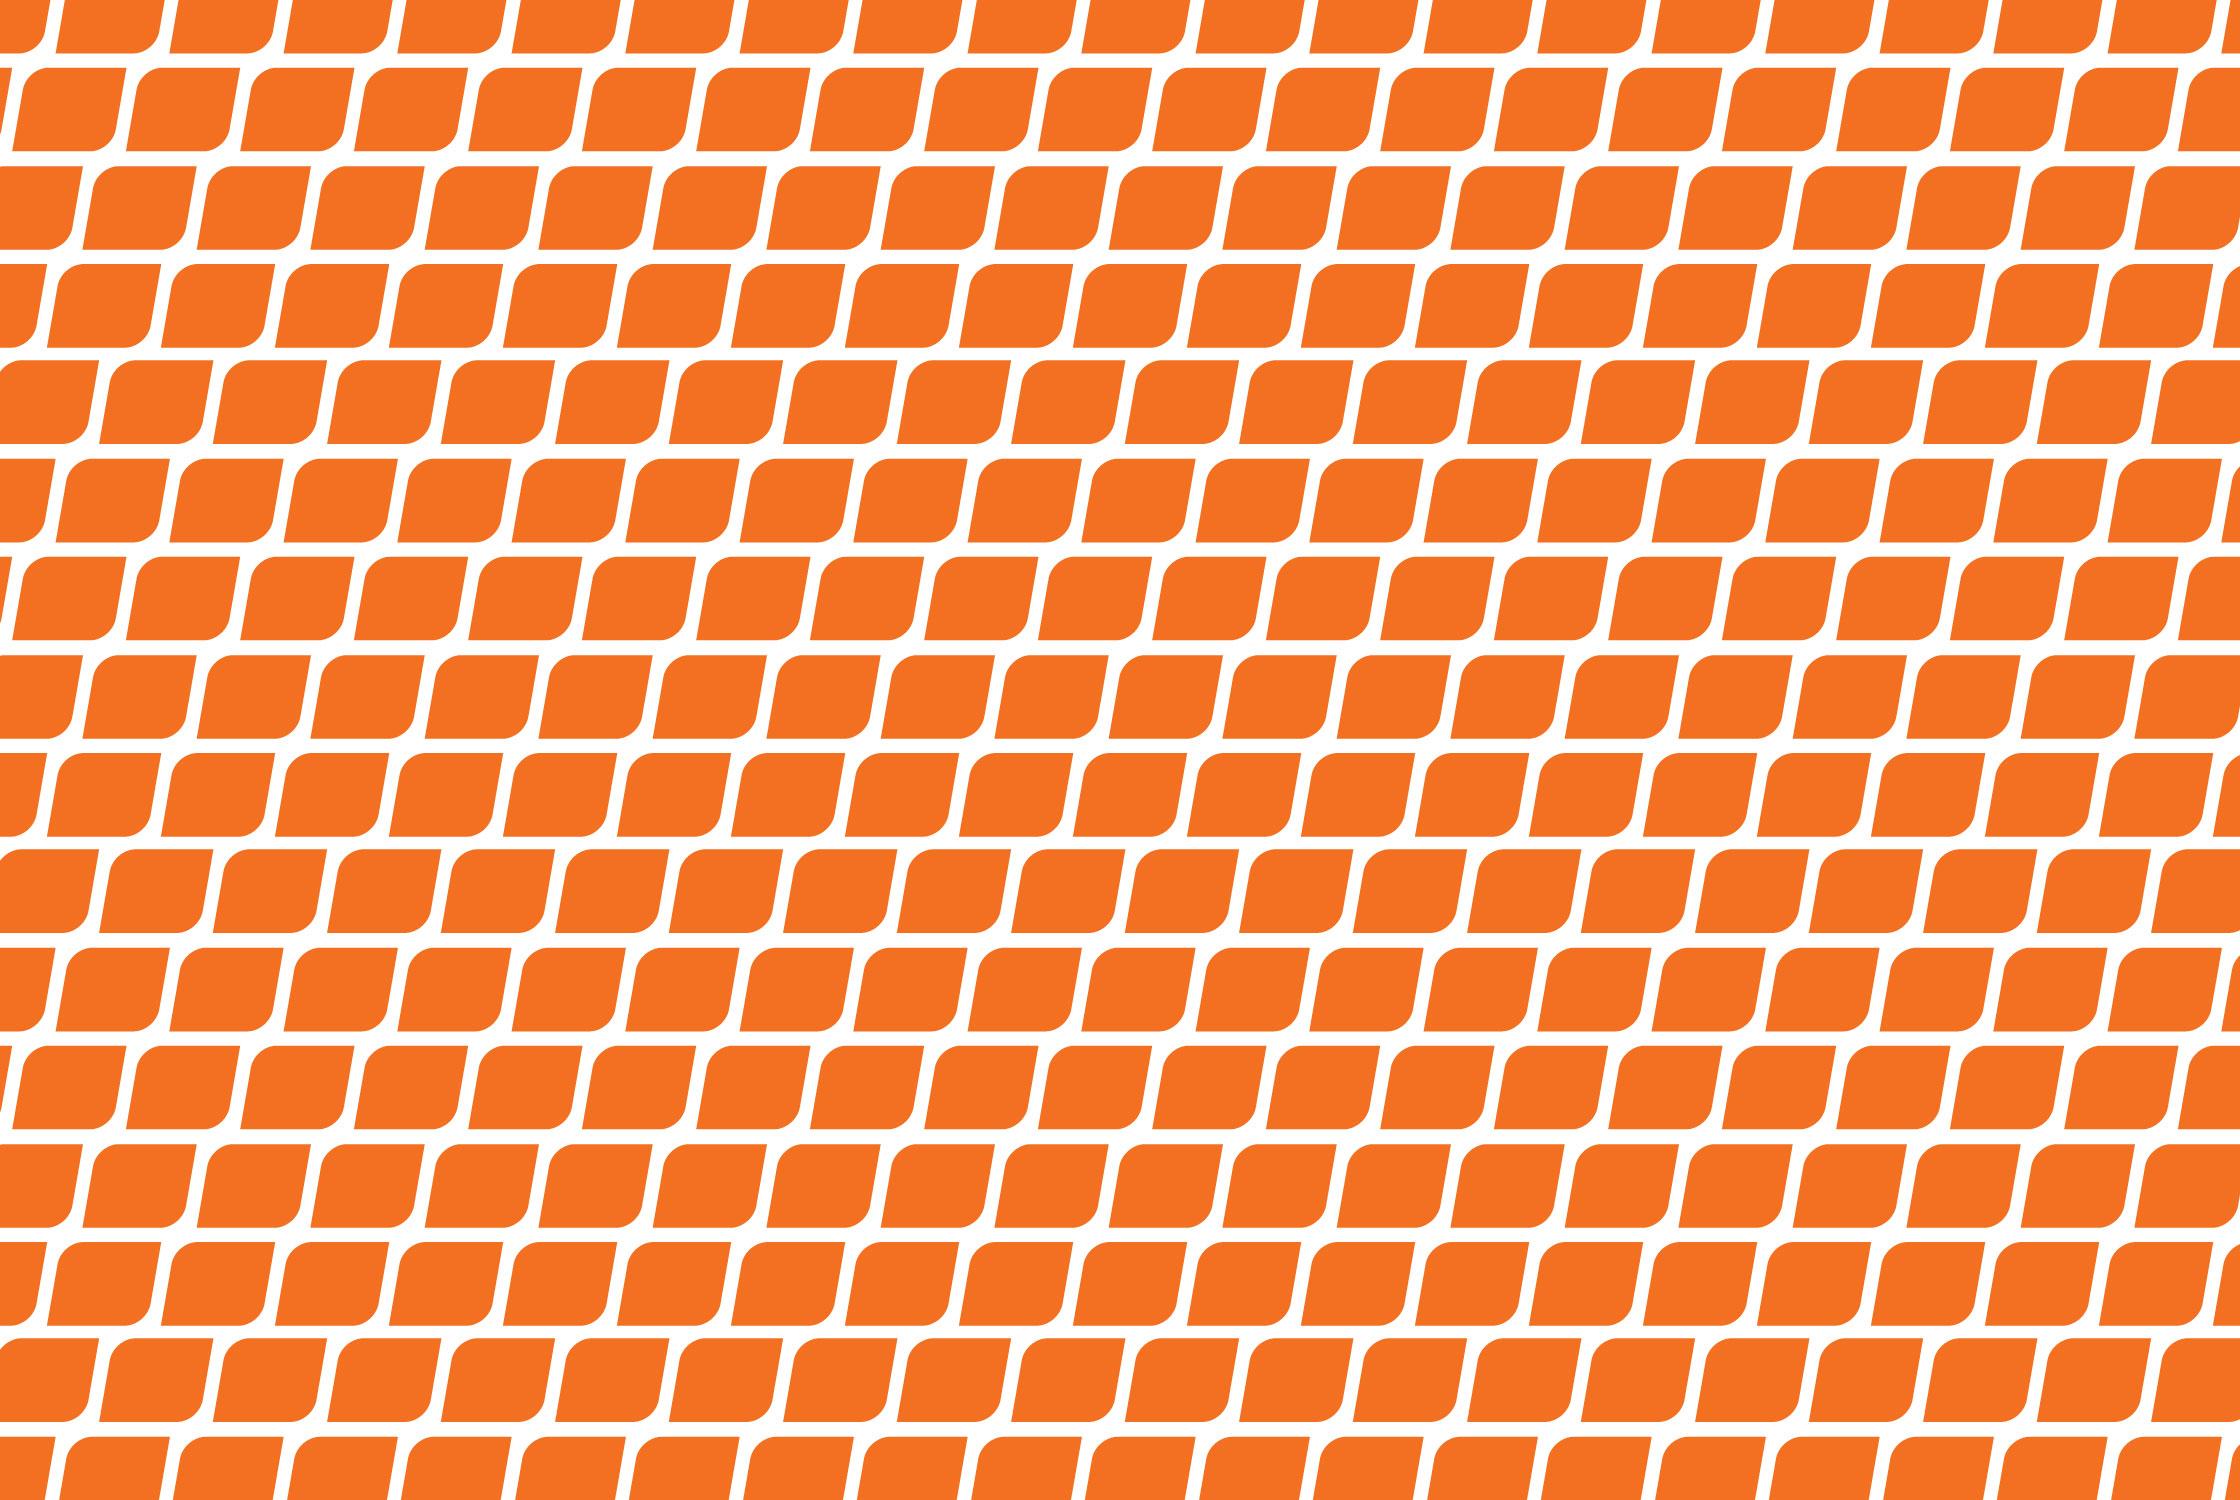 WEBSITE_SHAWK_PatternSolid